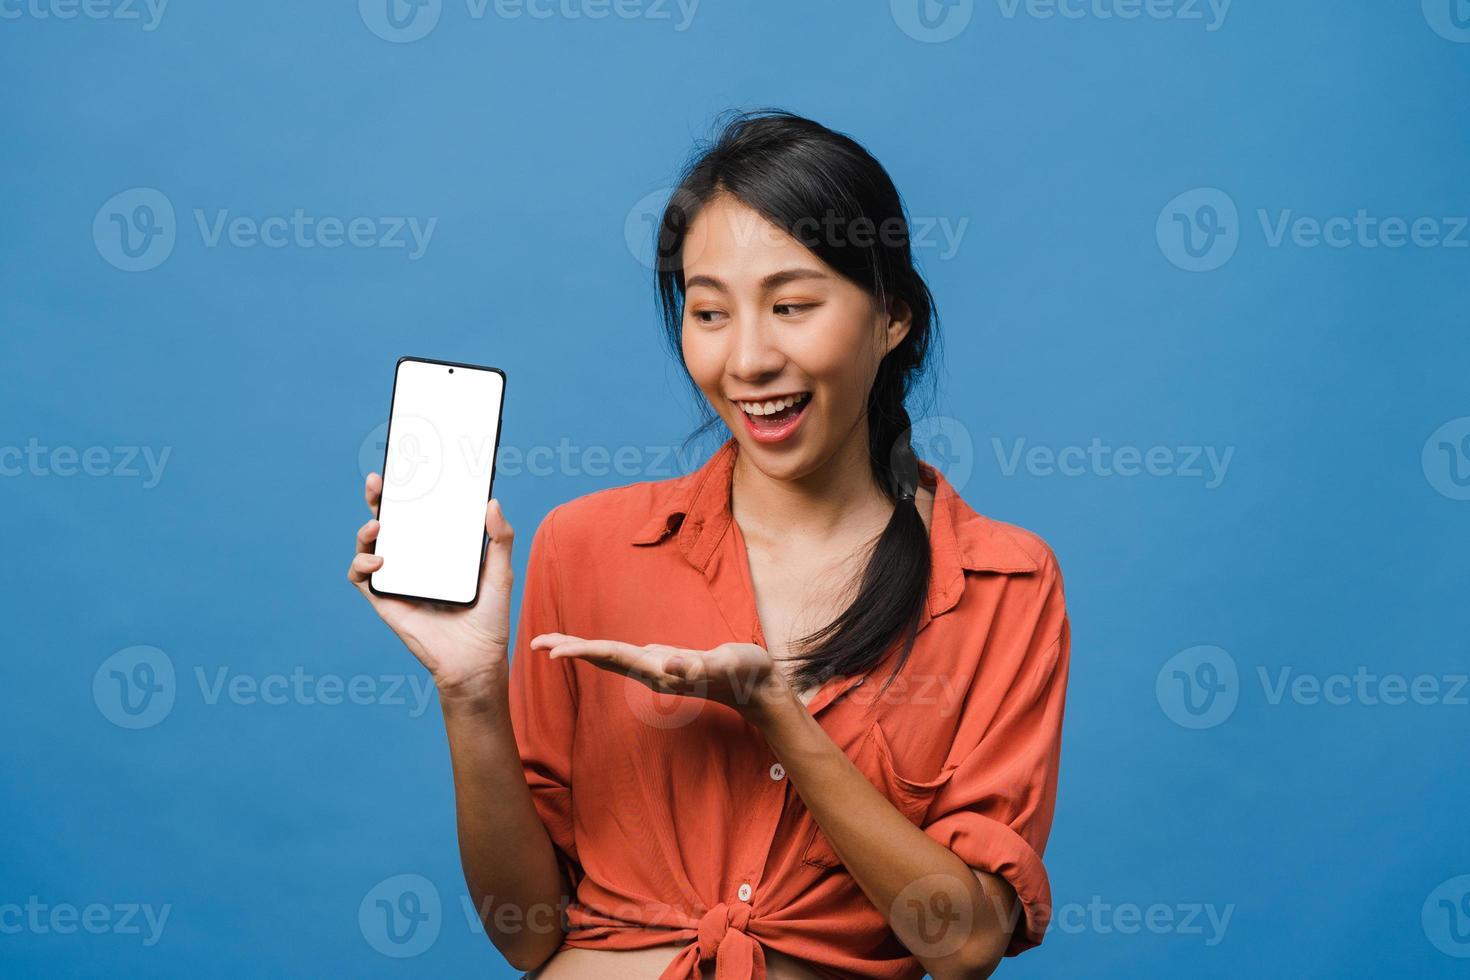 la giovane donna asiatica mostra lo schermo dello smartphone vuoto con un'espressione positiva, sorride ampiamente, vestita con abiti casual sentendo felicità su sfondo blu. telefono cellulare con schermo bianco in mano femminile. foto